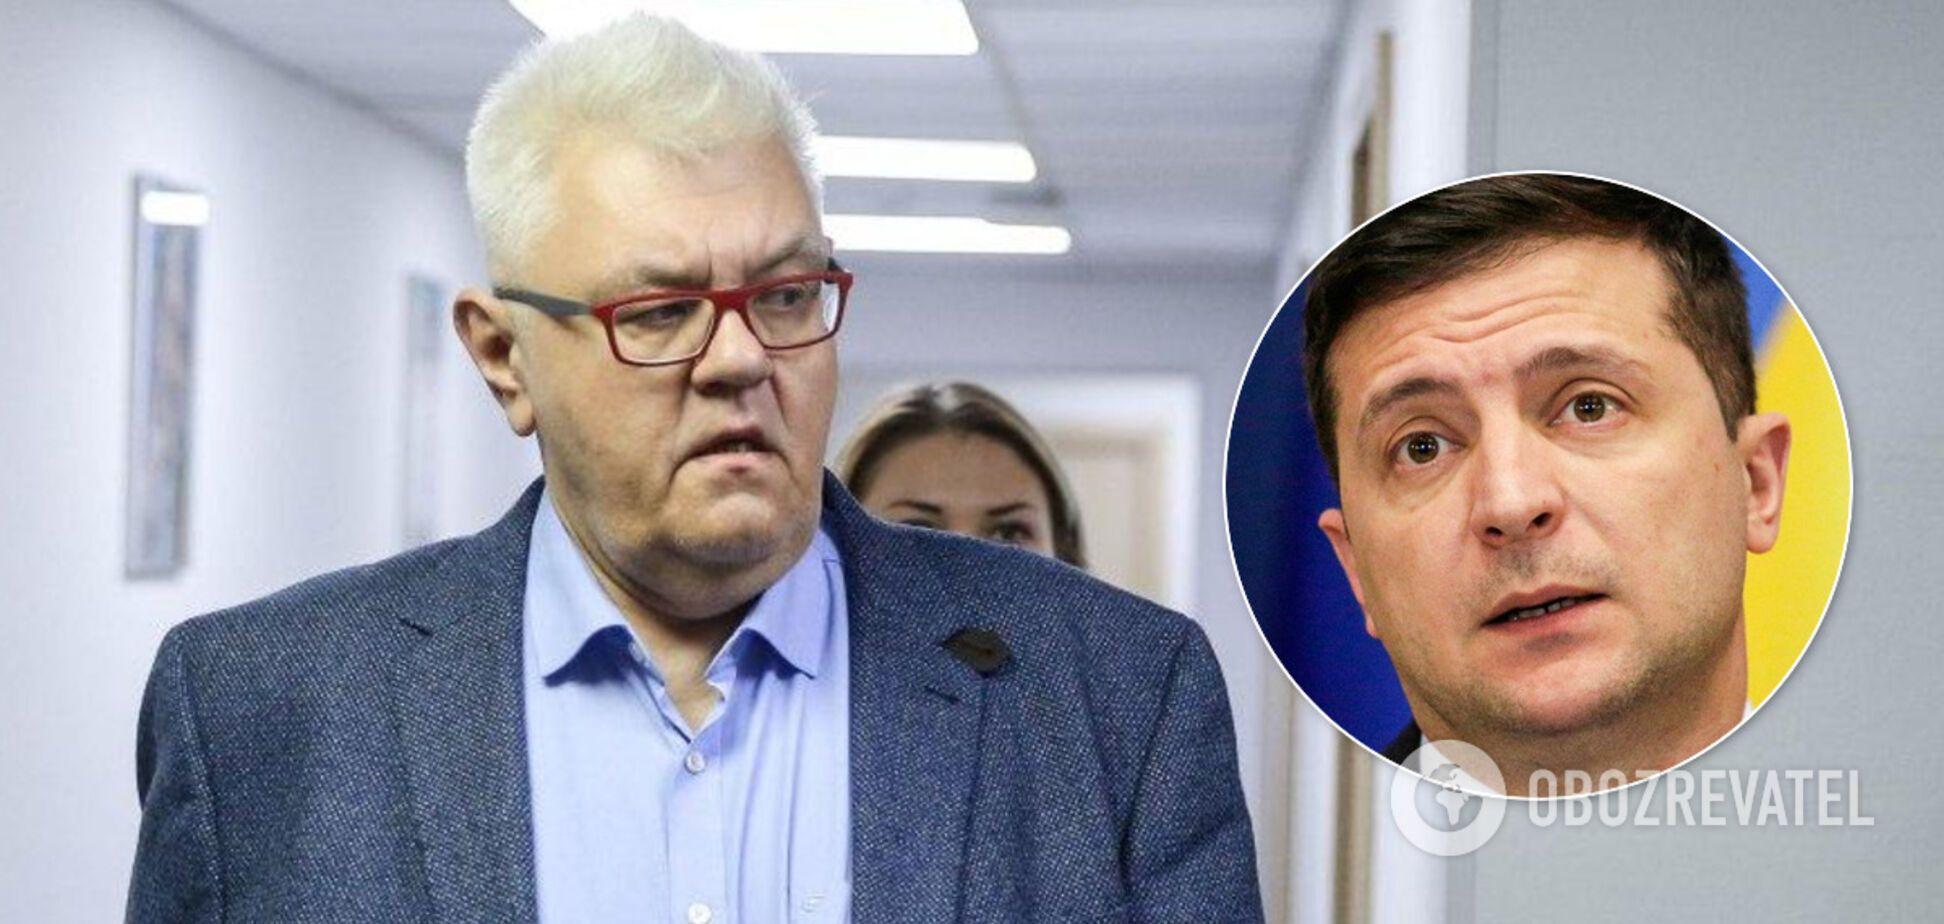 Сивохо рассказал об обещанном 'сюрпризе' от Зеленского